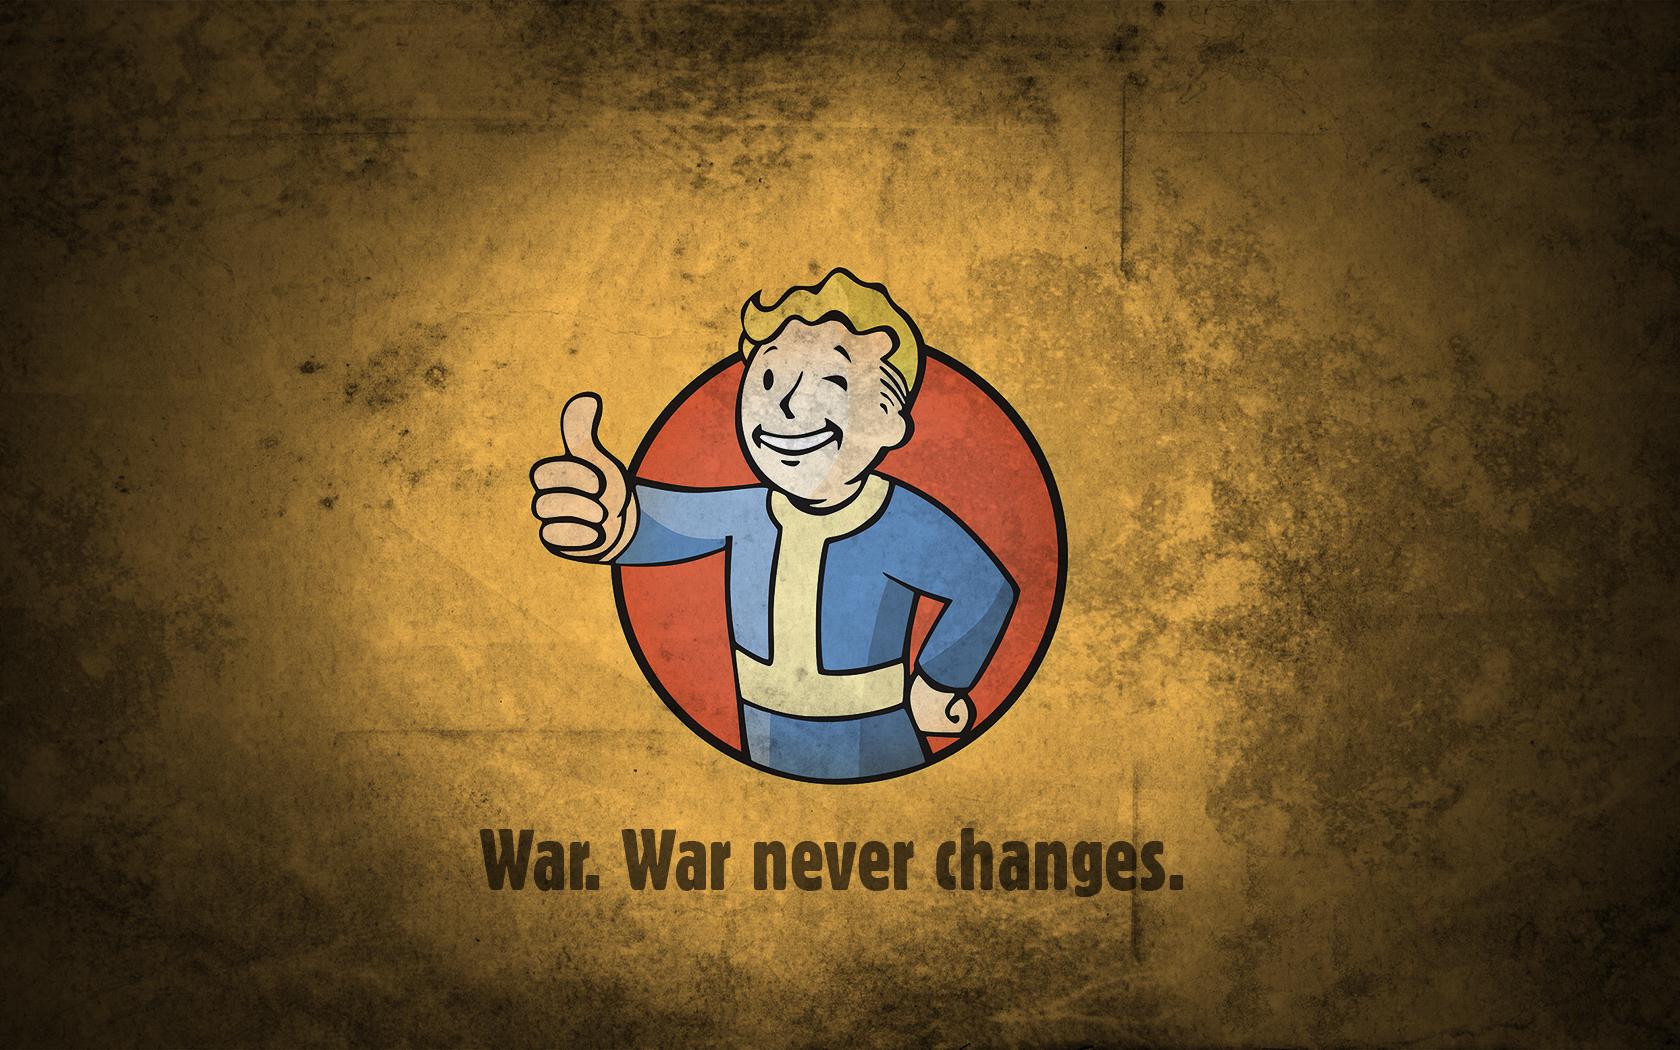 Fall Out Boy Wallpaper Desktop Fallout Vault Boy War Never Changes Fond D 233 Cran And